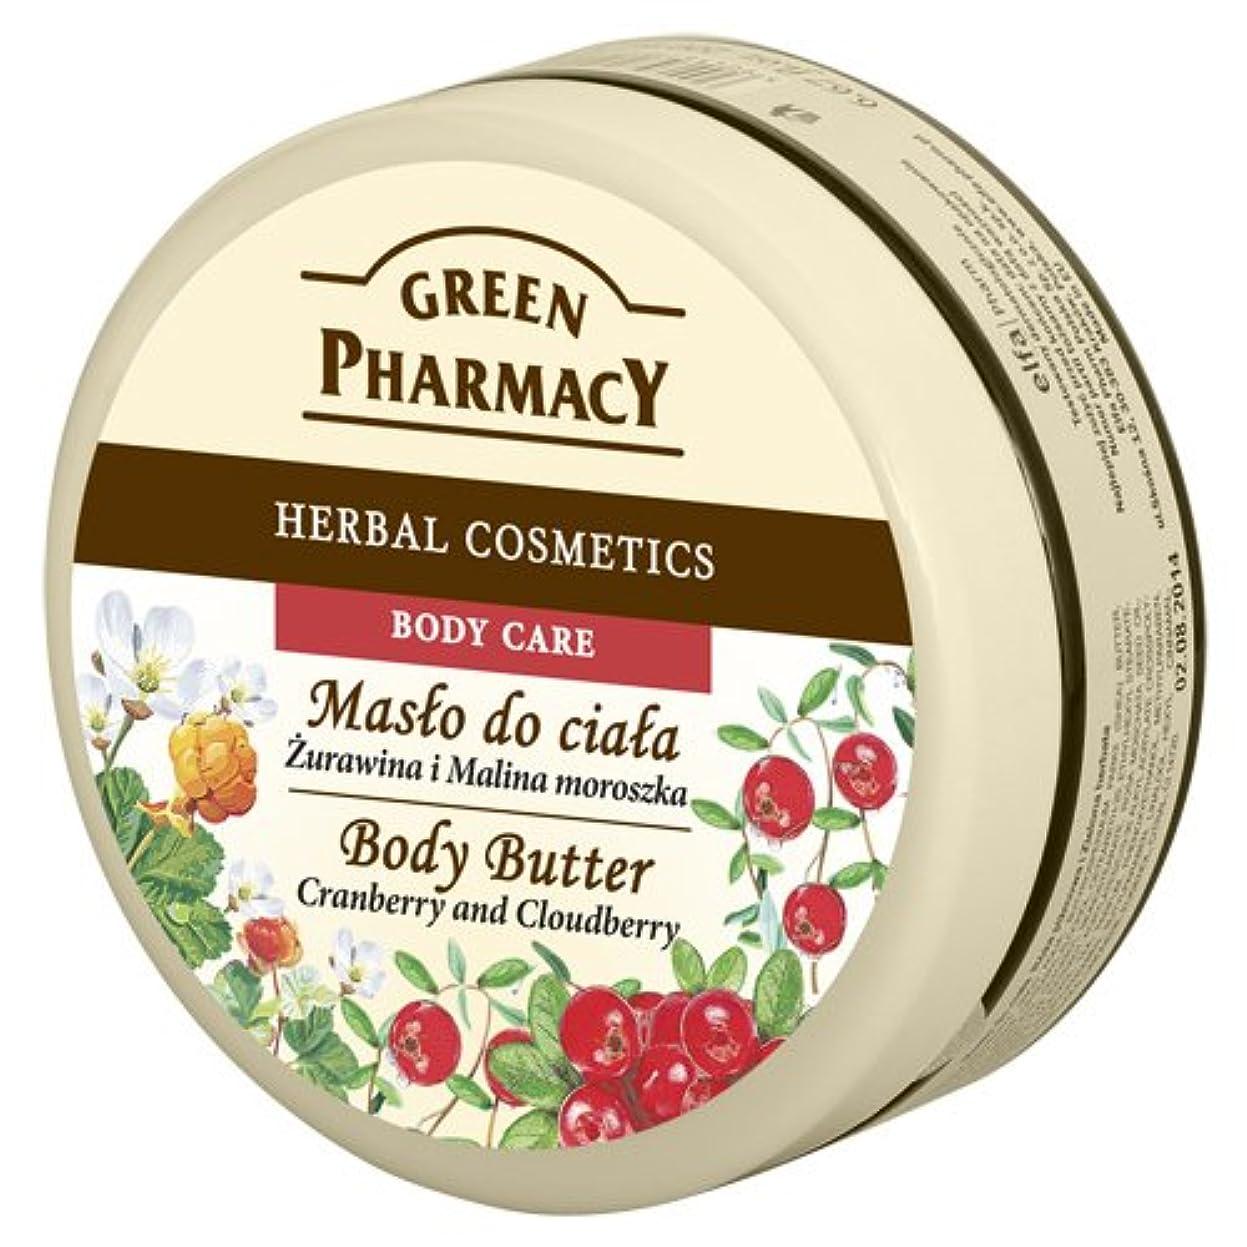 リマ明確にElfa Pharm Green Pharmacy グリーンファーマシー Body Butter ボディバター Cranberry and Cloudberry